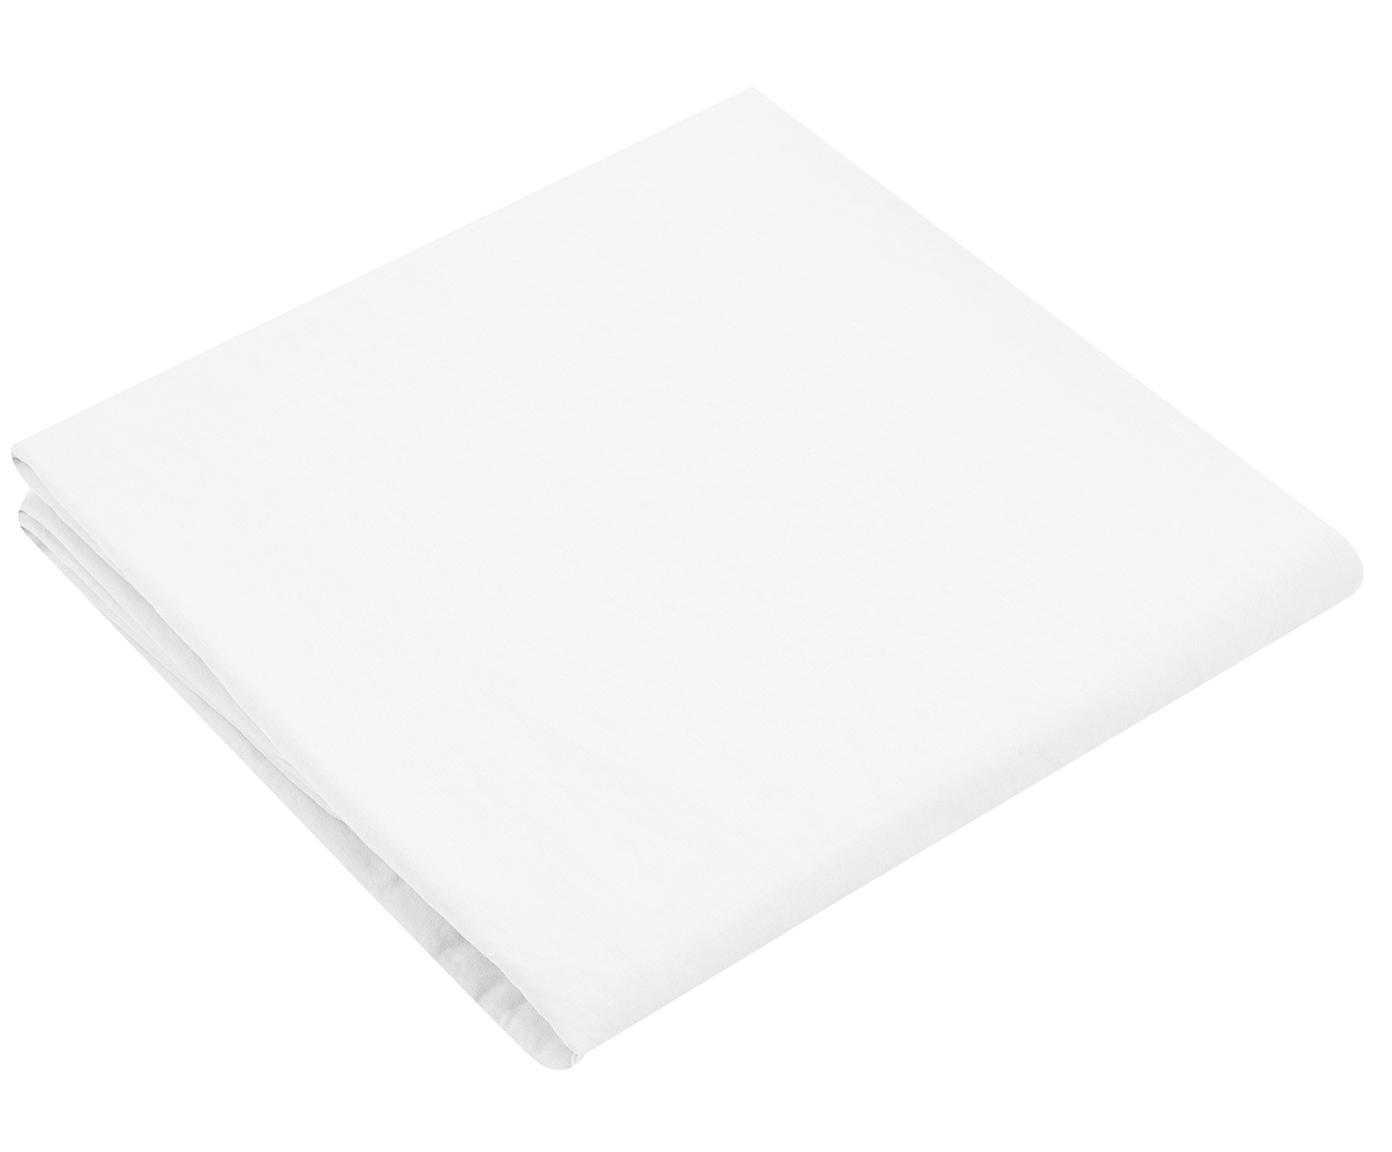 Prześcieradło z gumką z lnu Nature, 52% len, 48% bawełna Z efektem sprania zapewniającym miękkość w dotyku, Biały, S 160 x D 200 cm